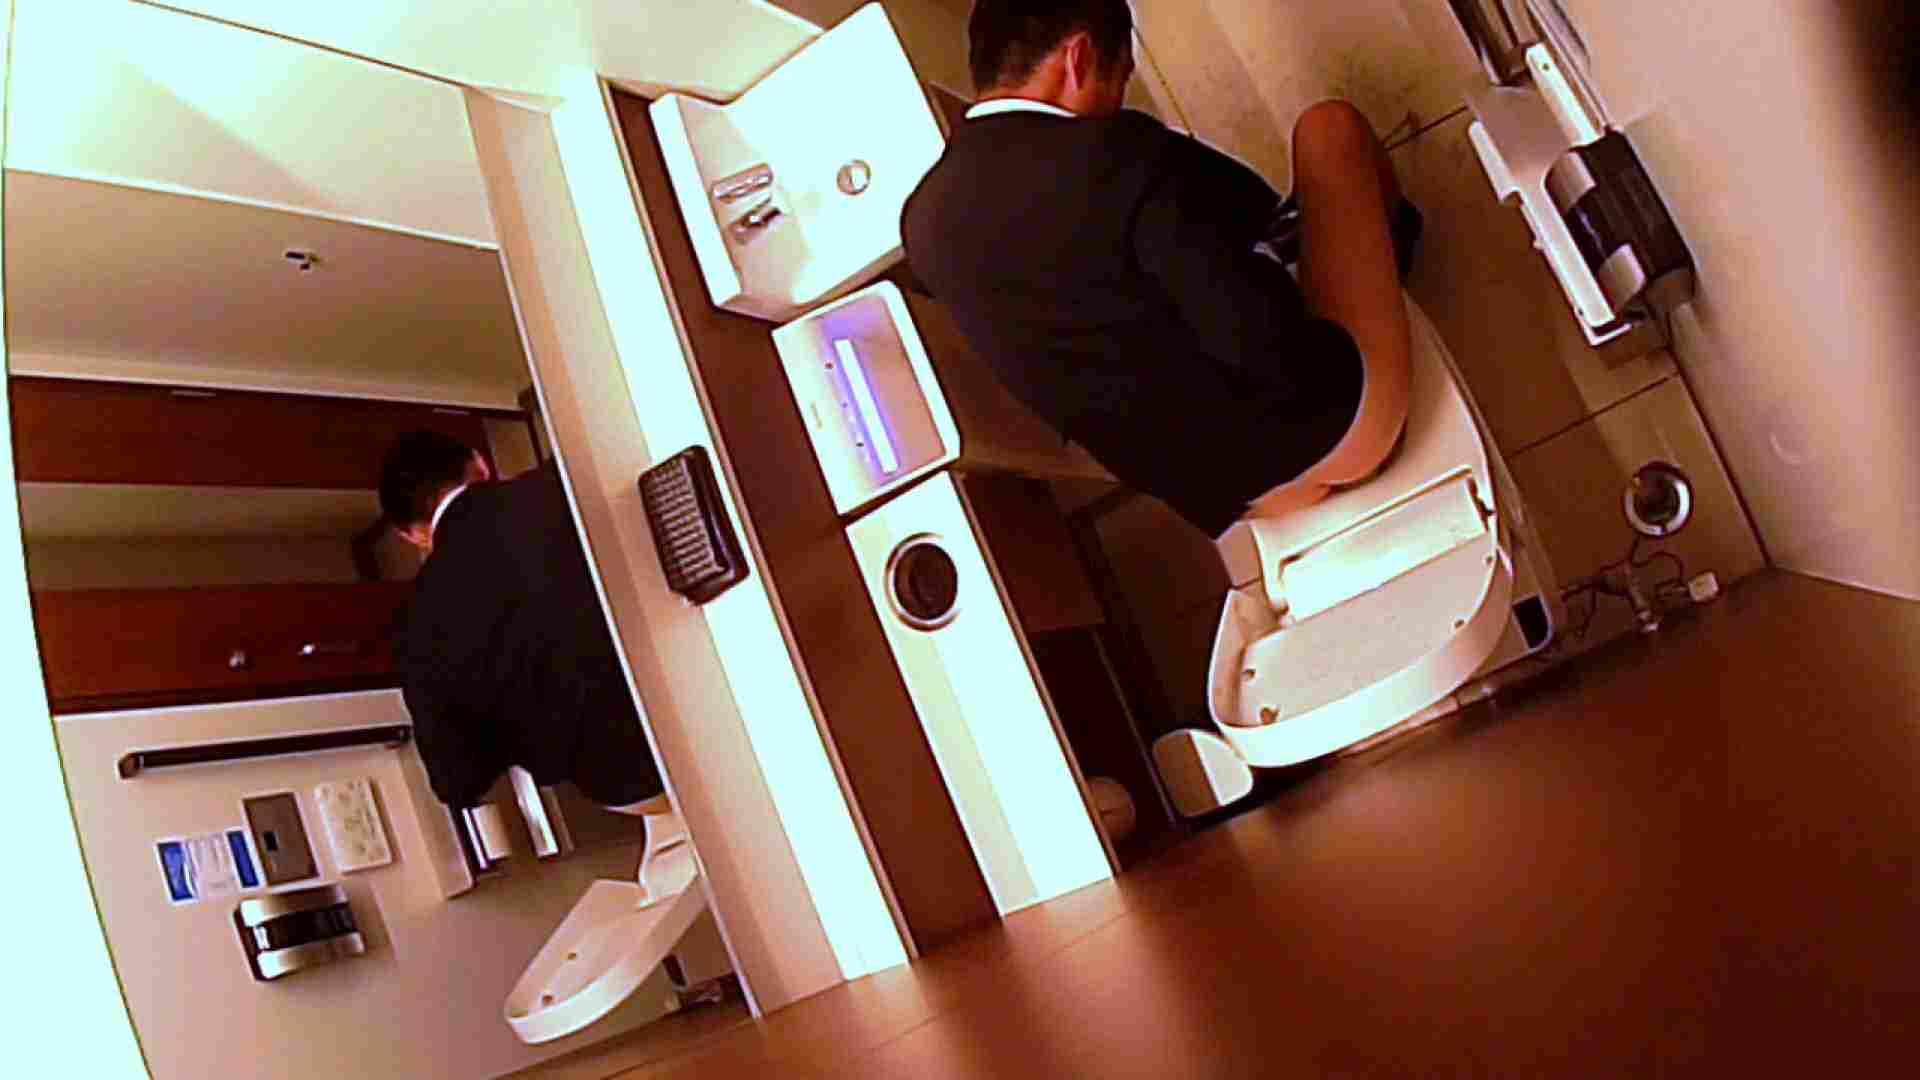 ゲイエロ動画|すみませんが覗かせてください Vol.25|排尿